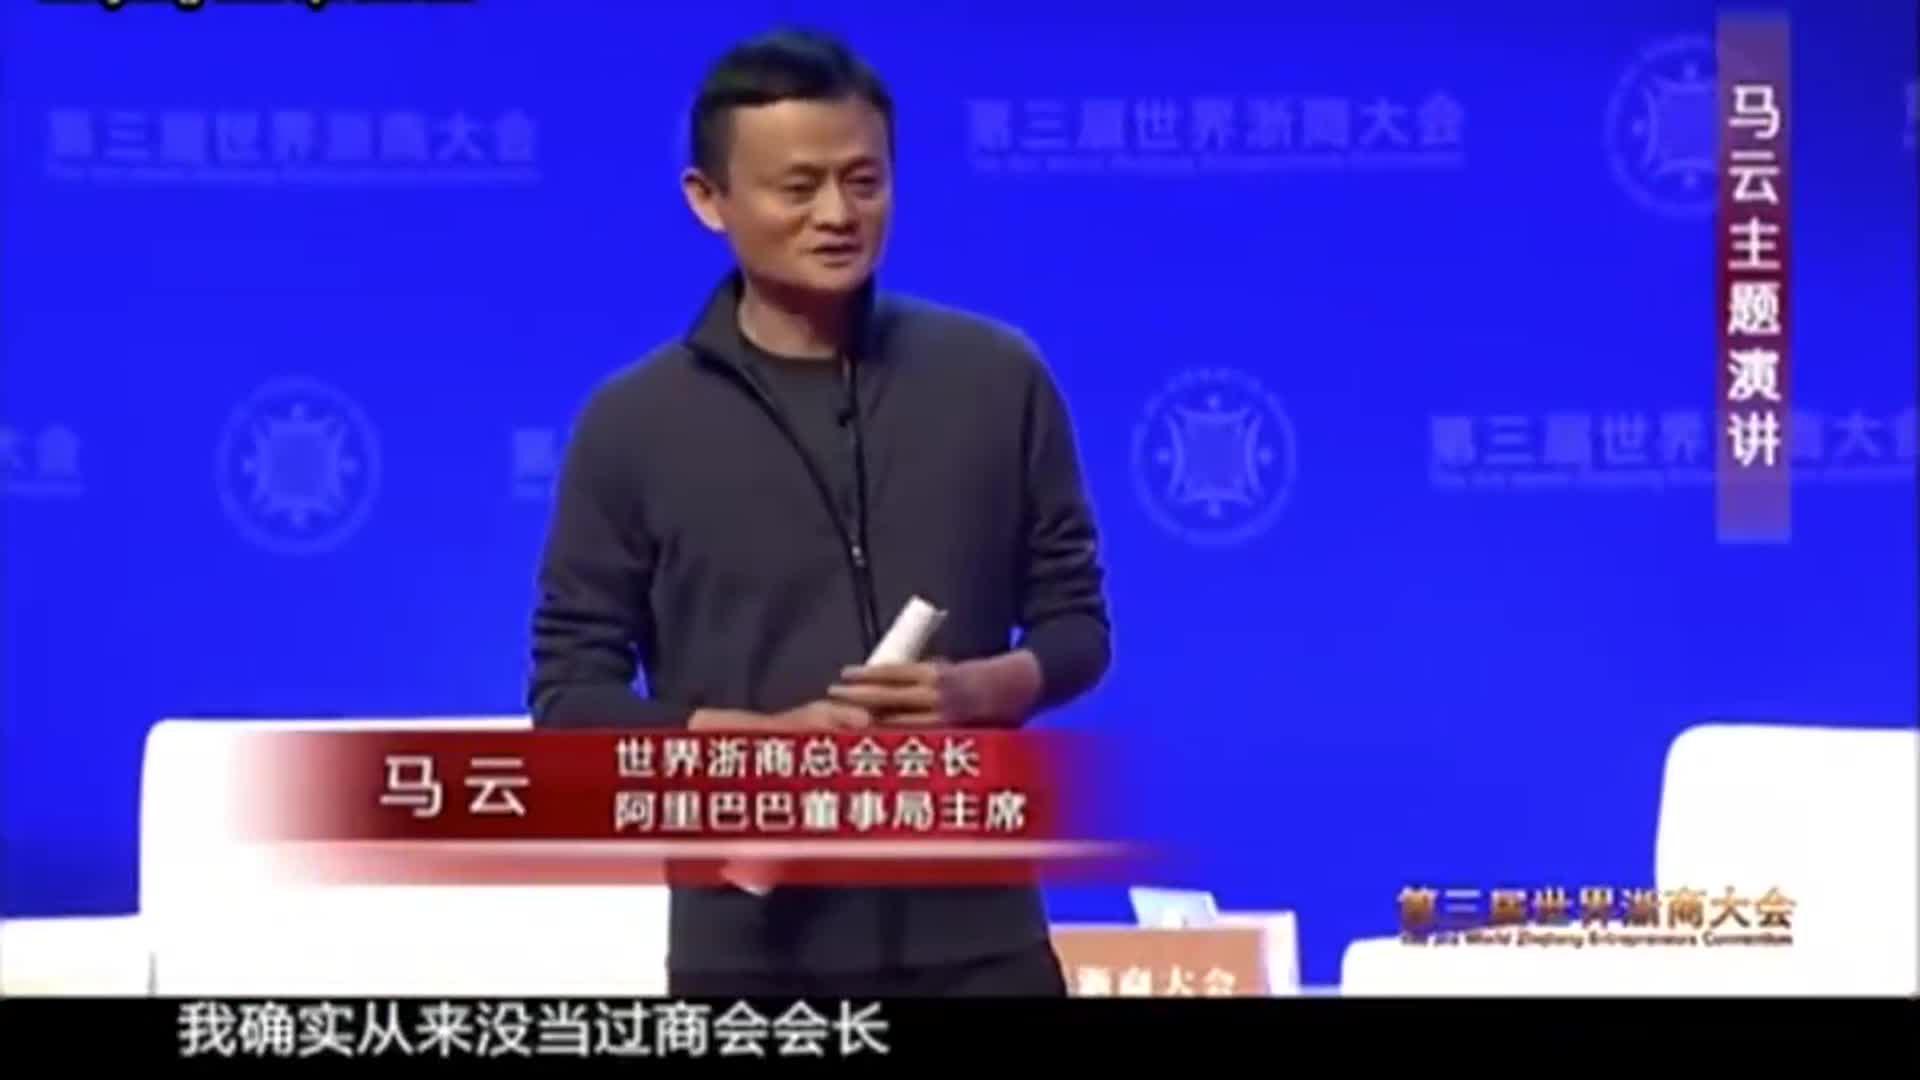 马云在浙商大会的演讲:竞争失败主要是看不见,看不起,看不懂!